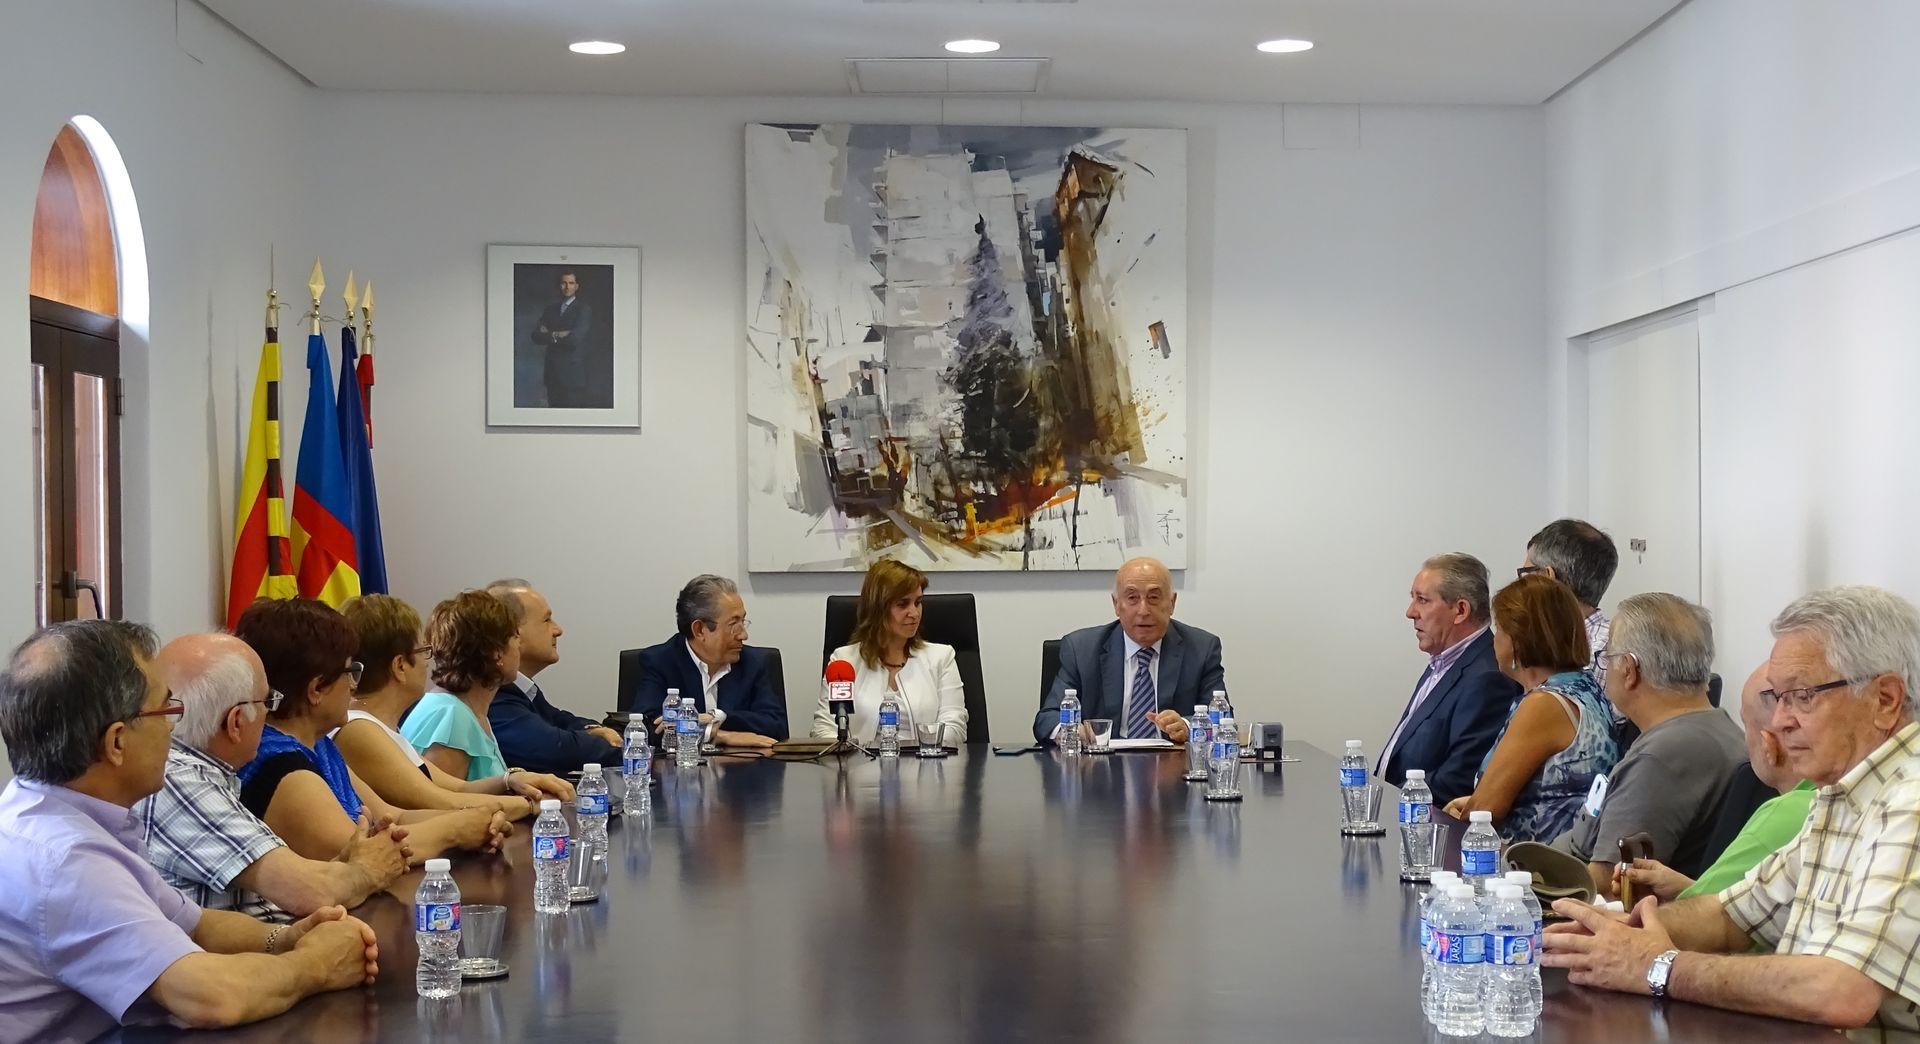 El Ayuntamiento de Xixona refuerza su colaboración con el Síndic de Greuges